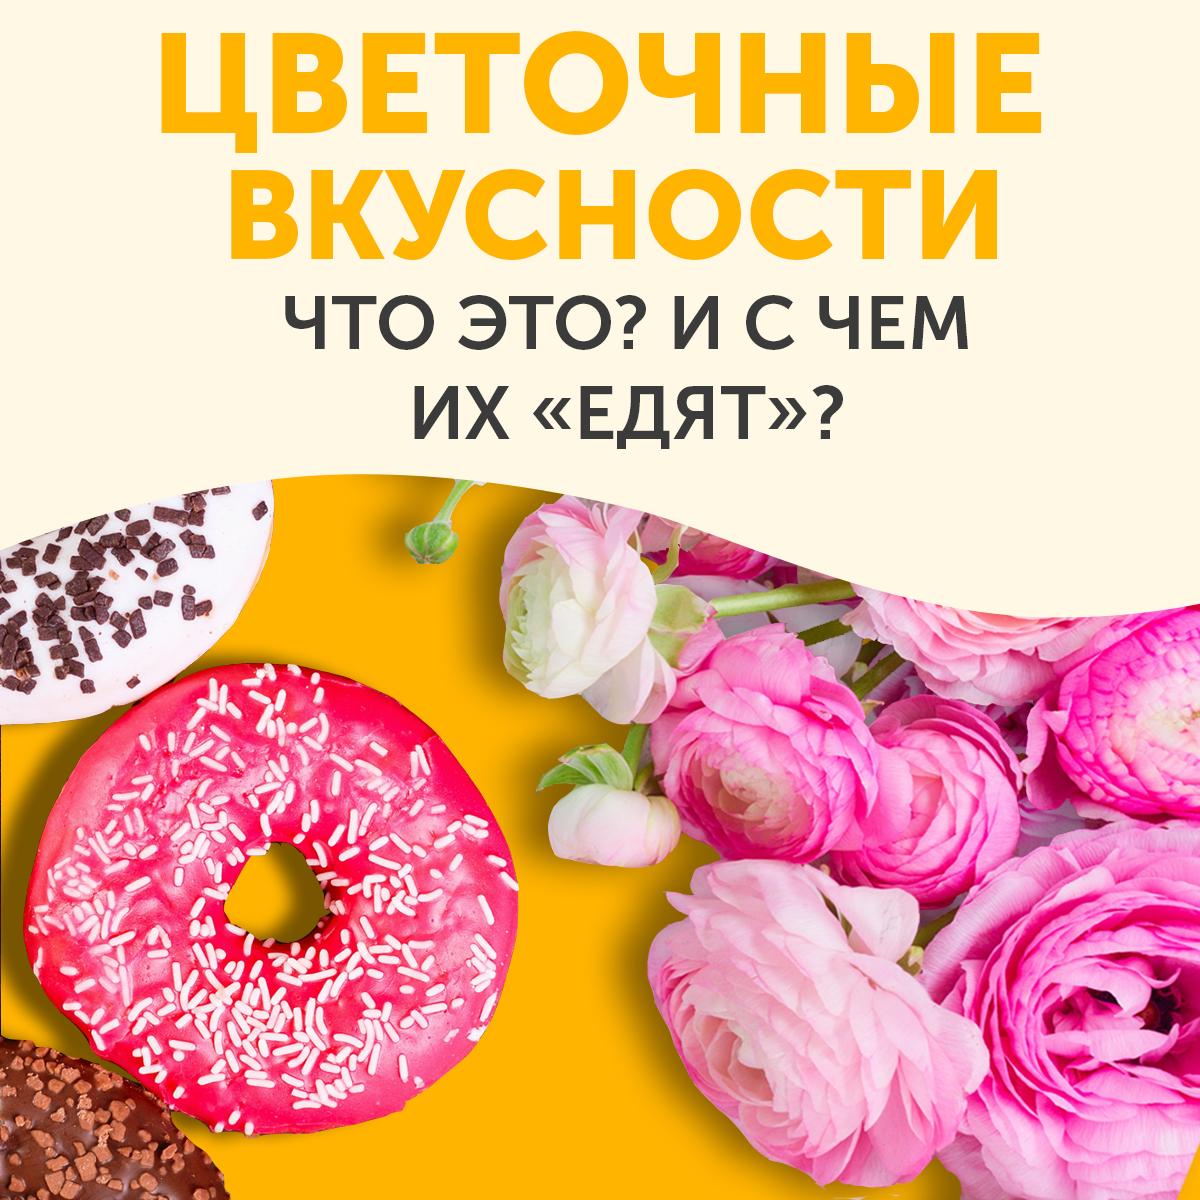 цветочные вкусности